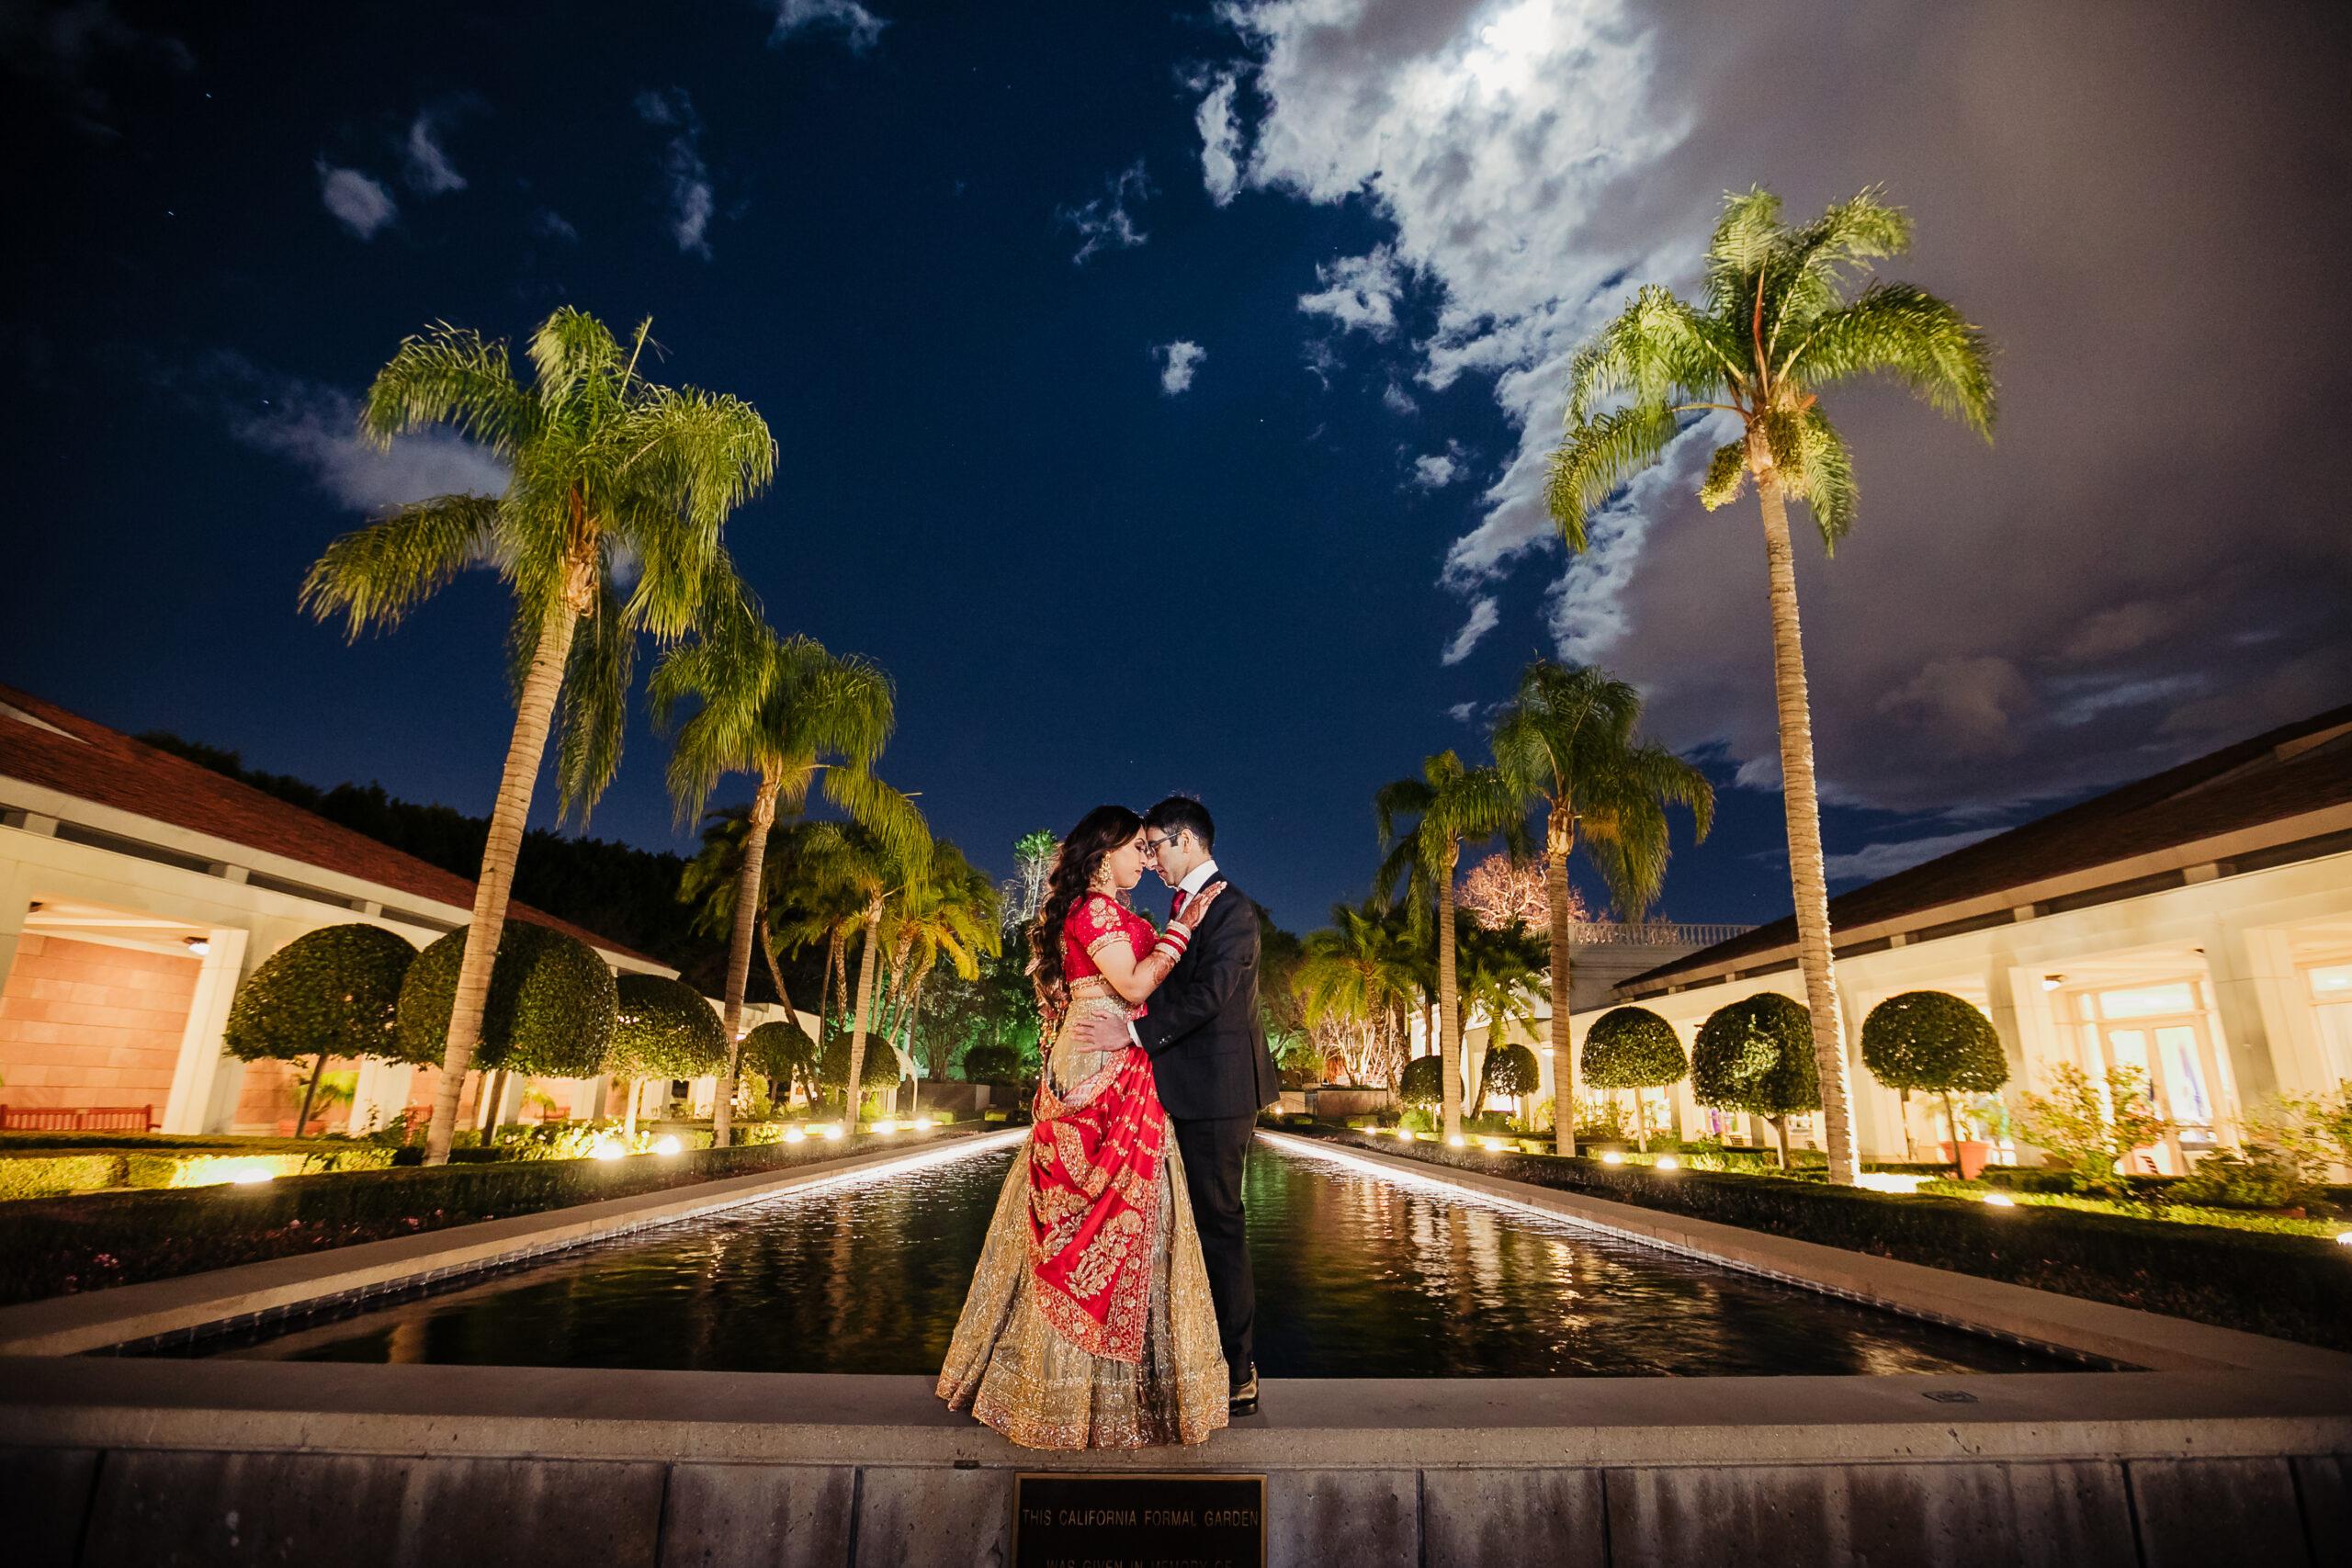 ER-Nixon-Library-Yorba-Linda-Indian-Wedding-Photography-1571